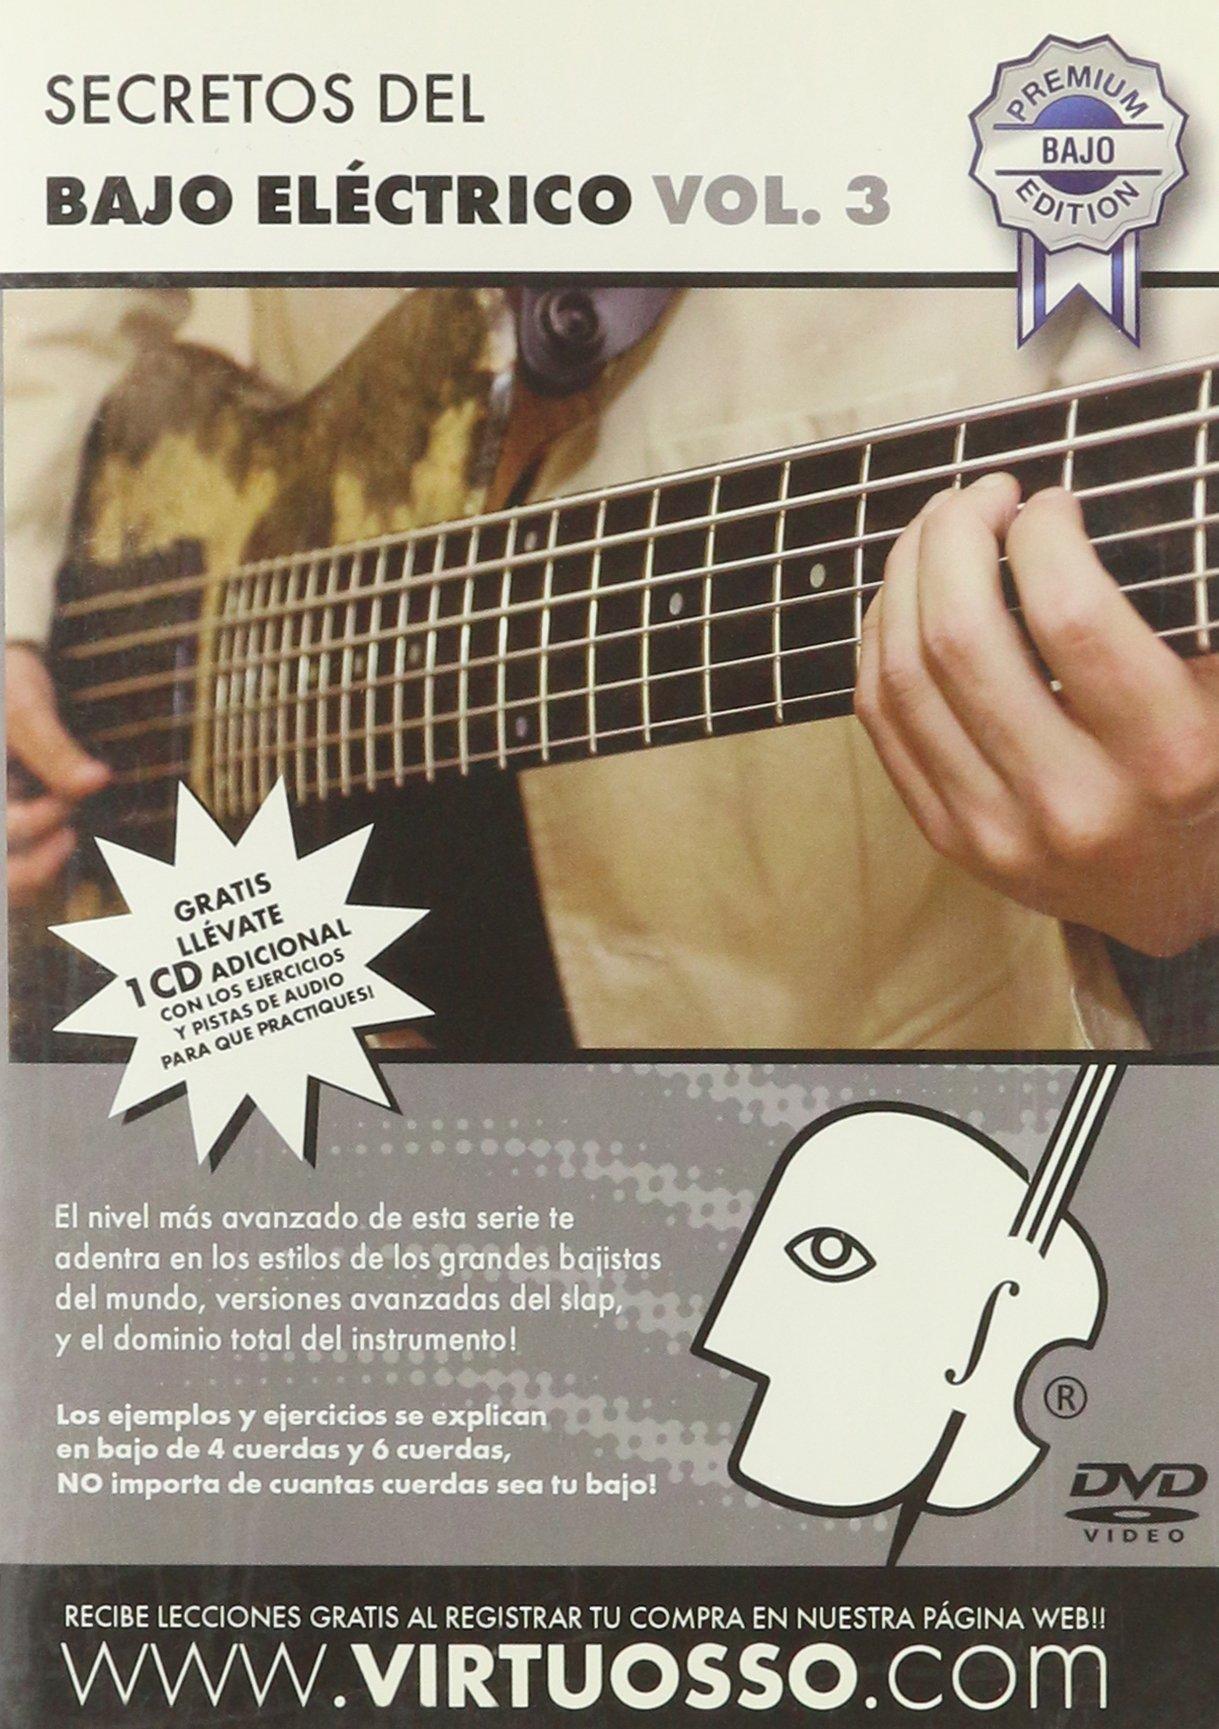 Virtuosso Electric Bass Method Vol.3 (Curso De Bajo Eléctrico Vol.3) SPANISH ONLY